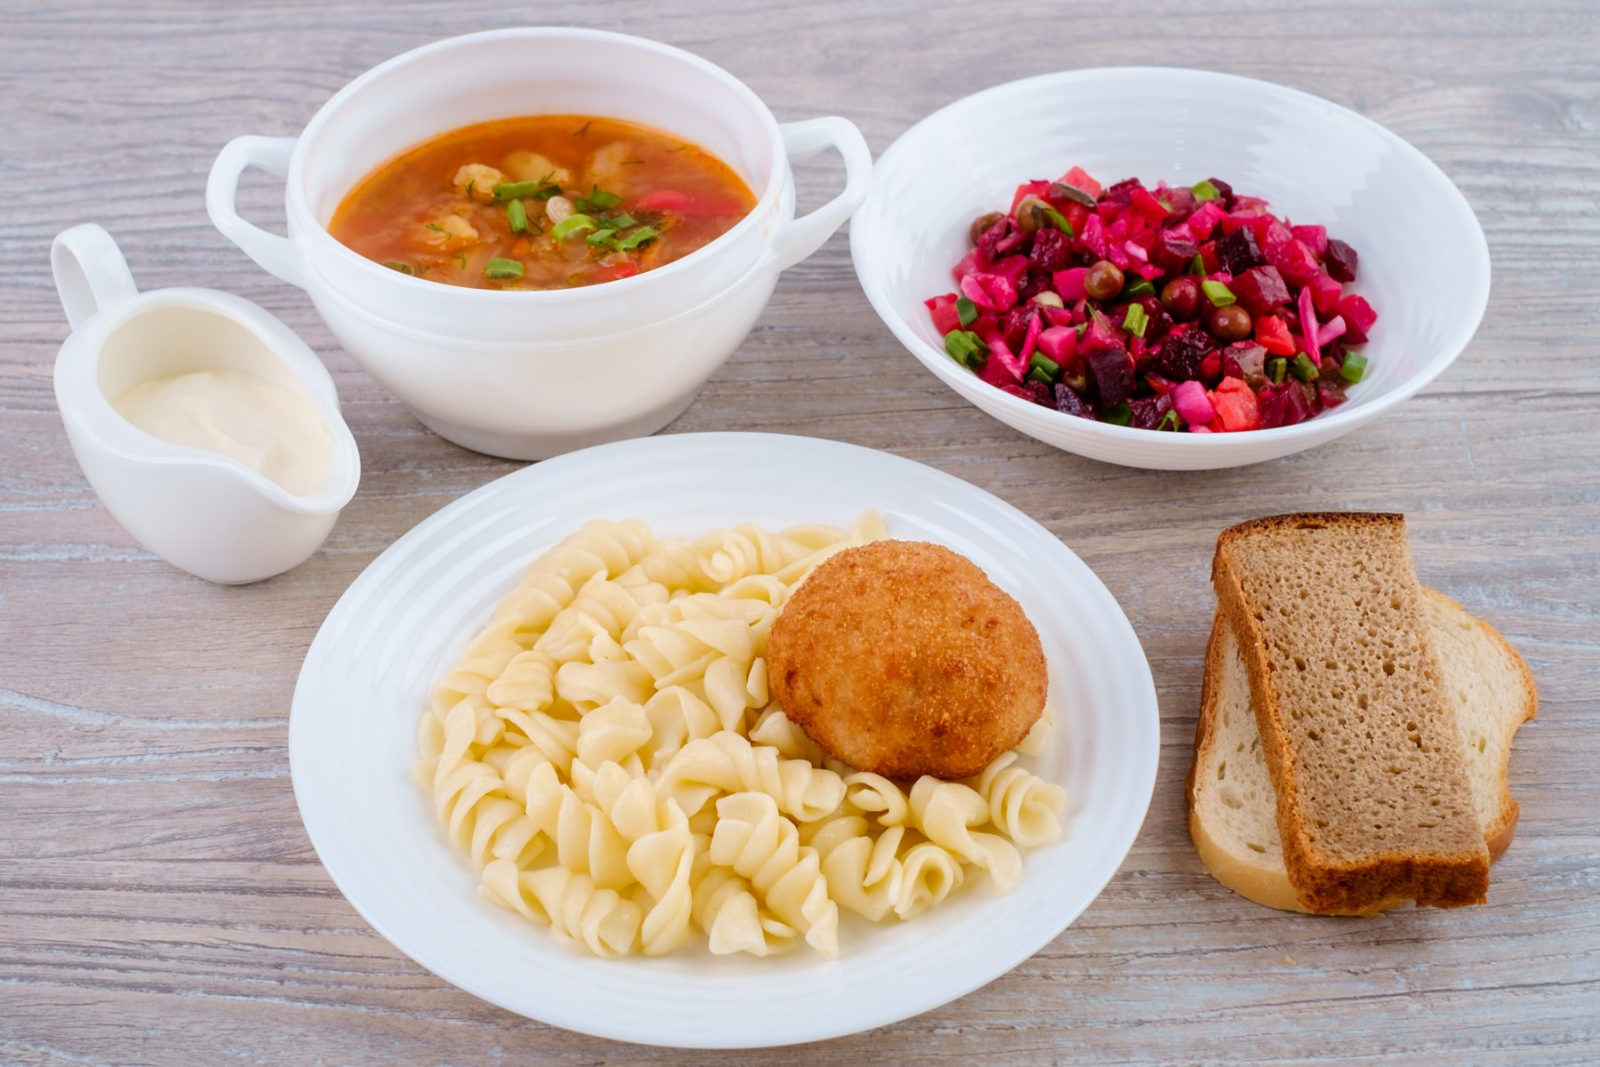 Мы обеспечиваем организацию полноценного питания с учетом особенностей каждого постояльца.